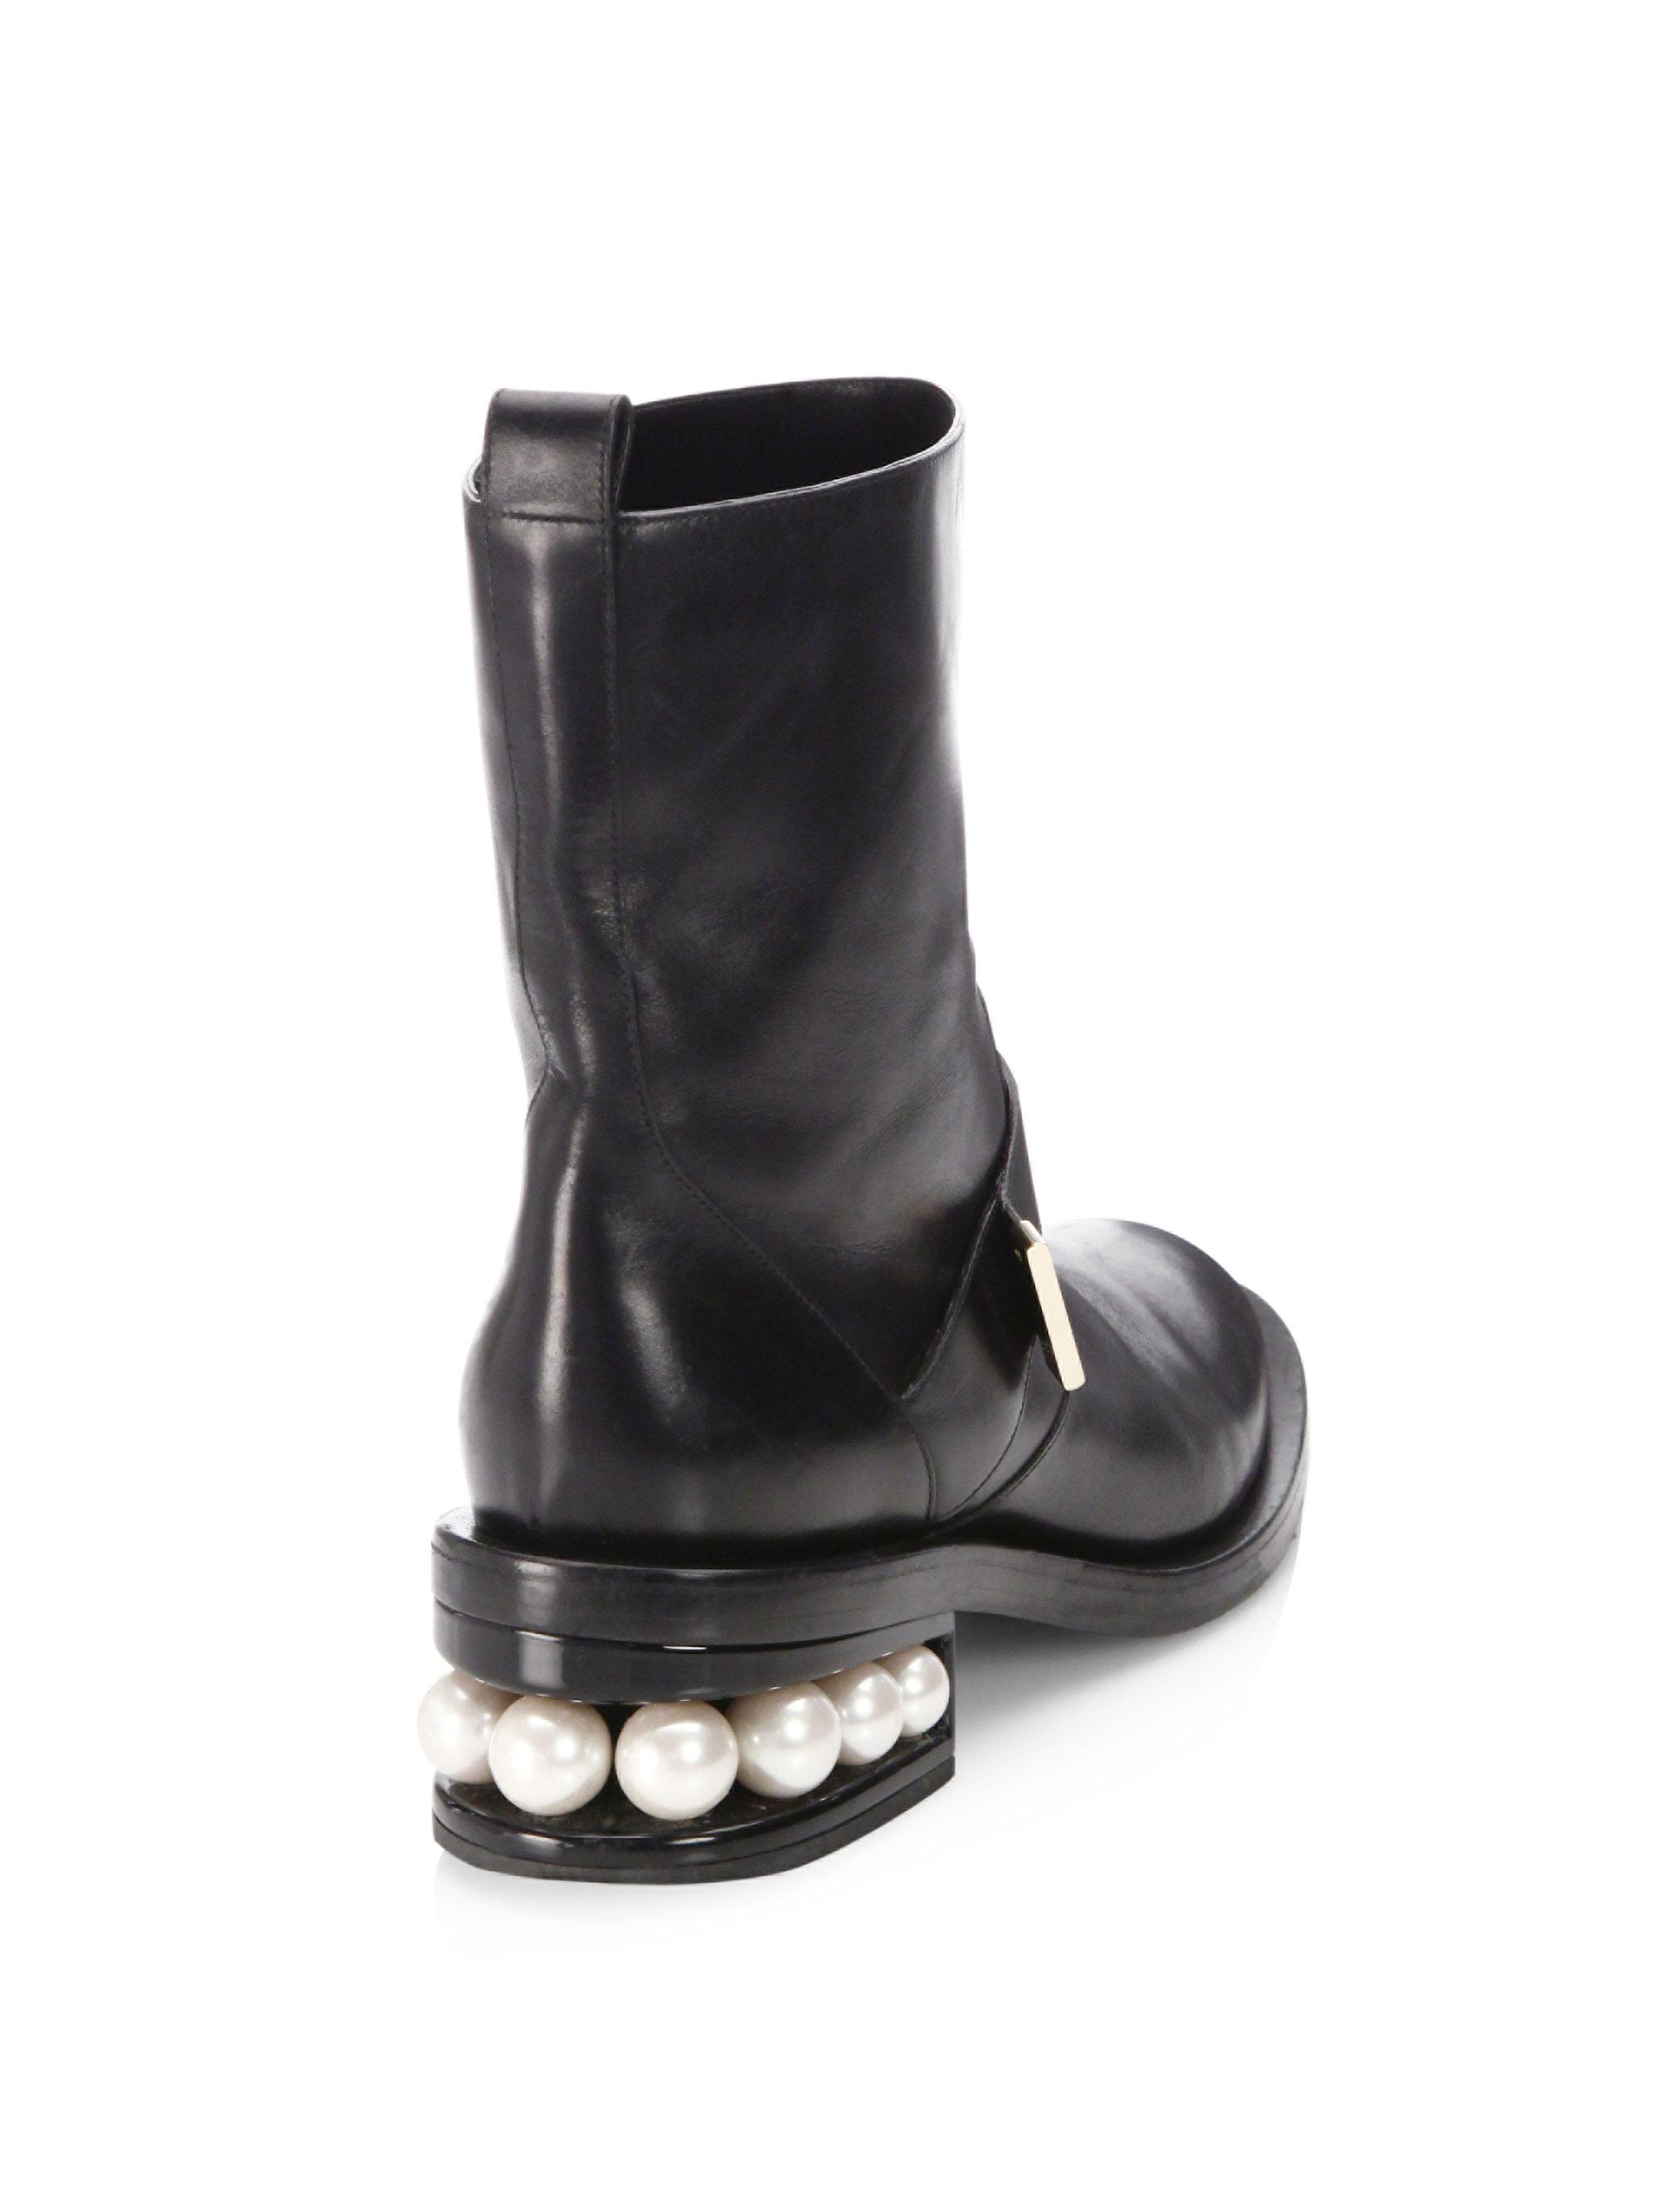 87ffa1dbbdf5 Nicholas Kirkwood - Black Casati Pearl Leather Biker Boots - Lyst. View  fullscreen